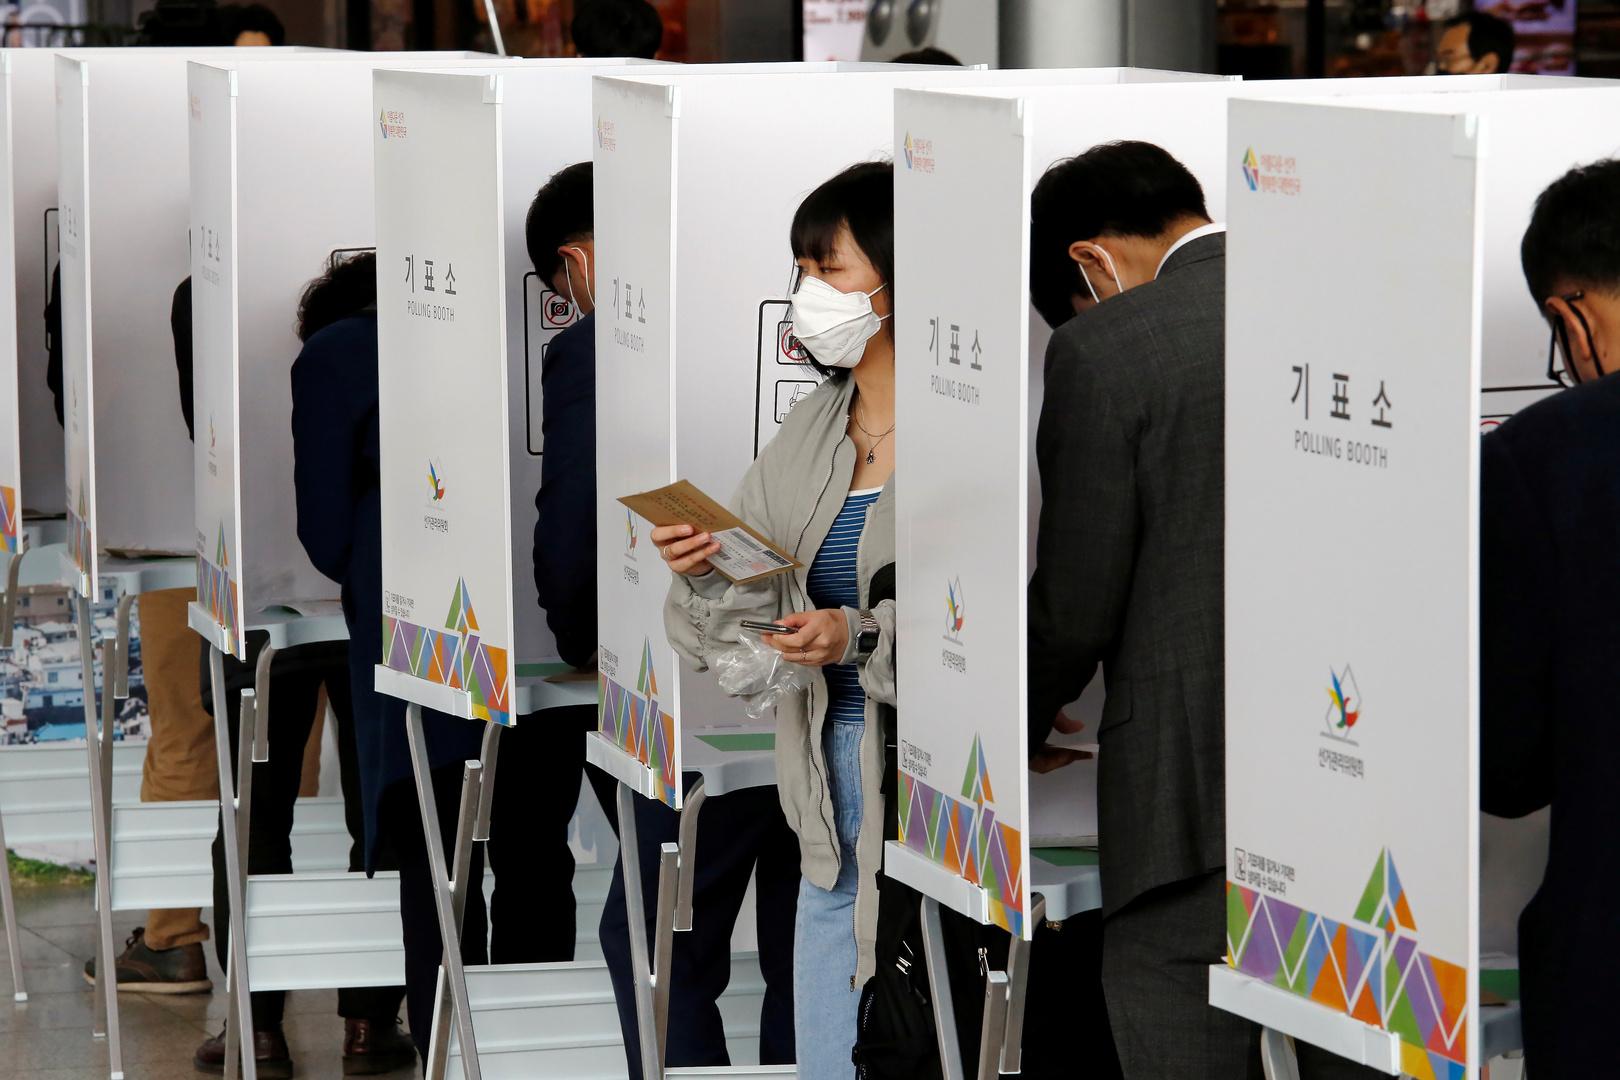 في ظل كورونا.. كوريا الجنوبية تجري انتخابات عامة